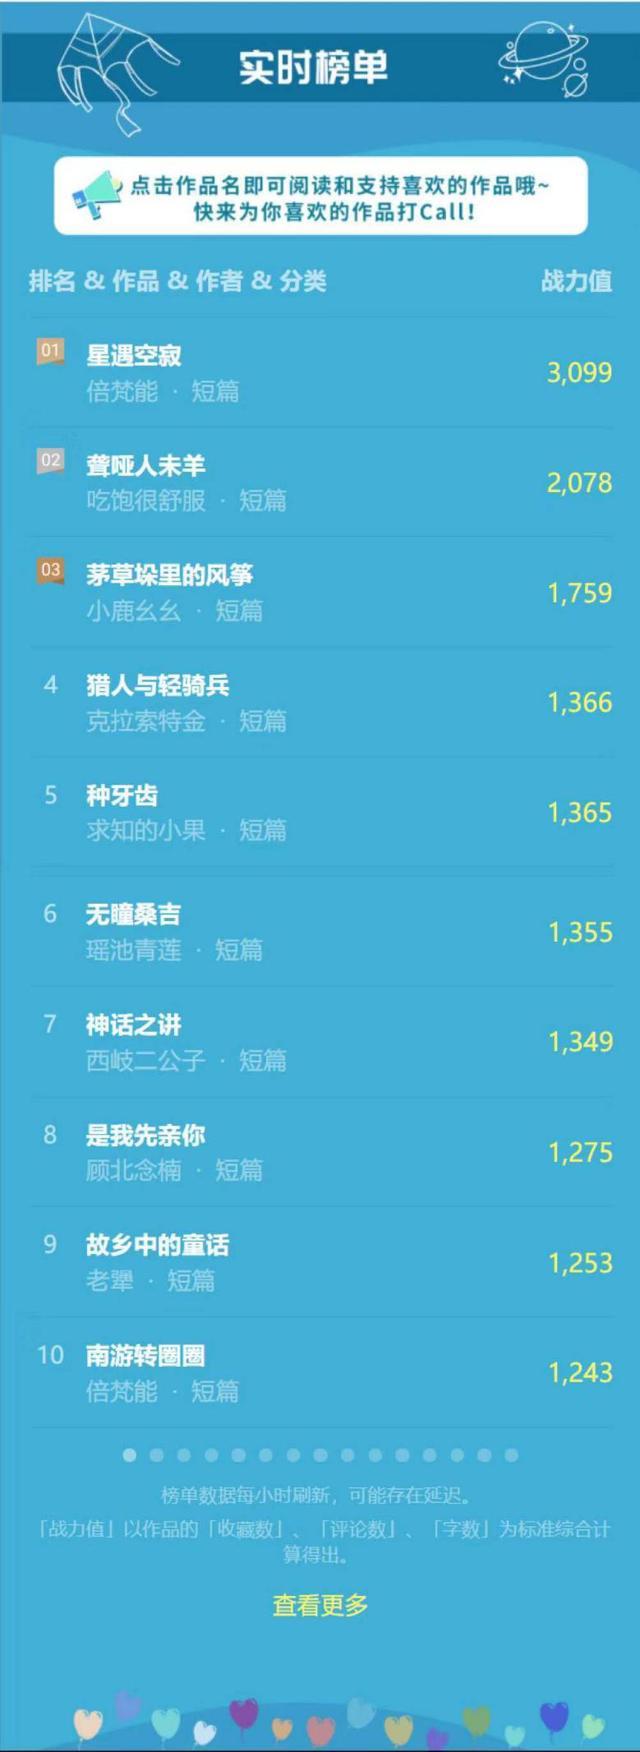 首届中国儿童文学征文大赛榜单上线 TOP150作品动态刷新